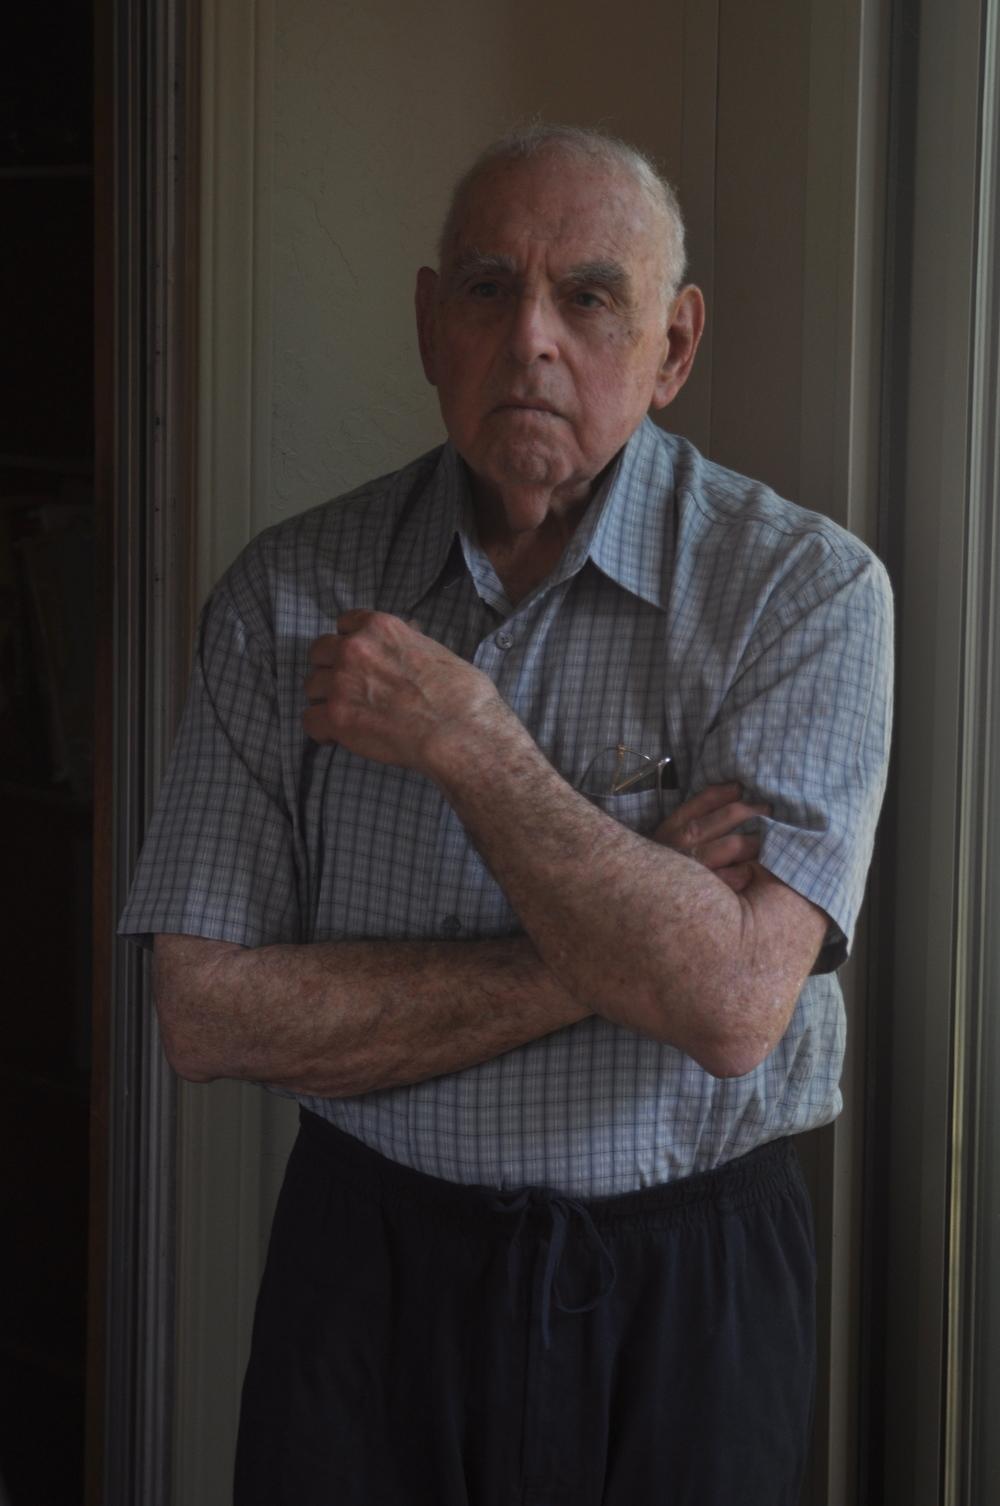 Saul Kitchener